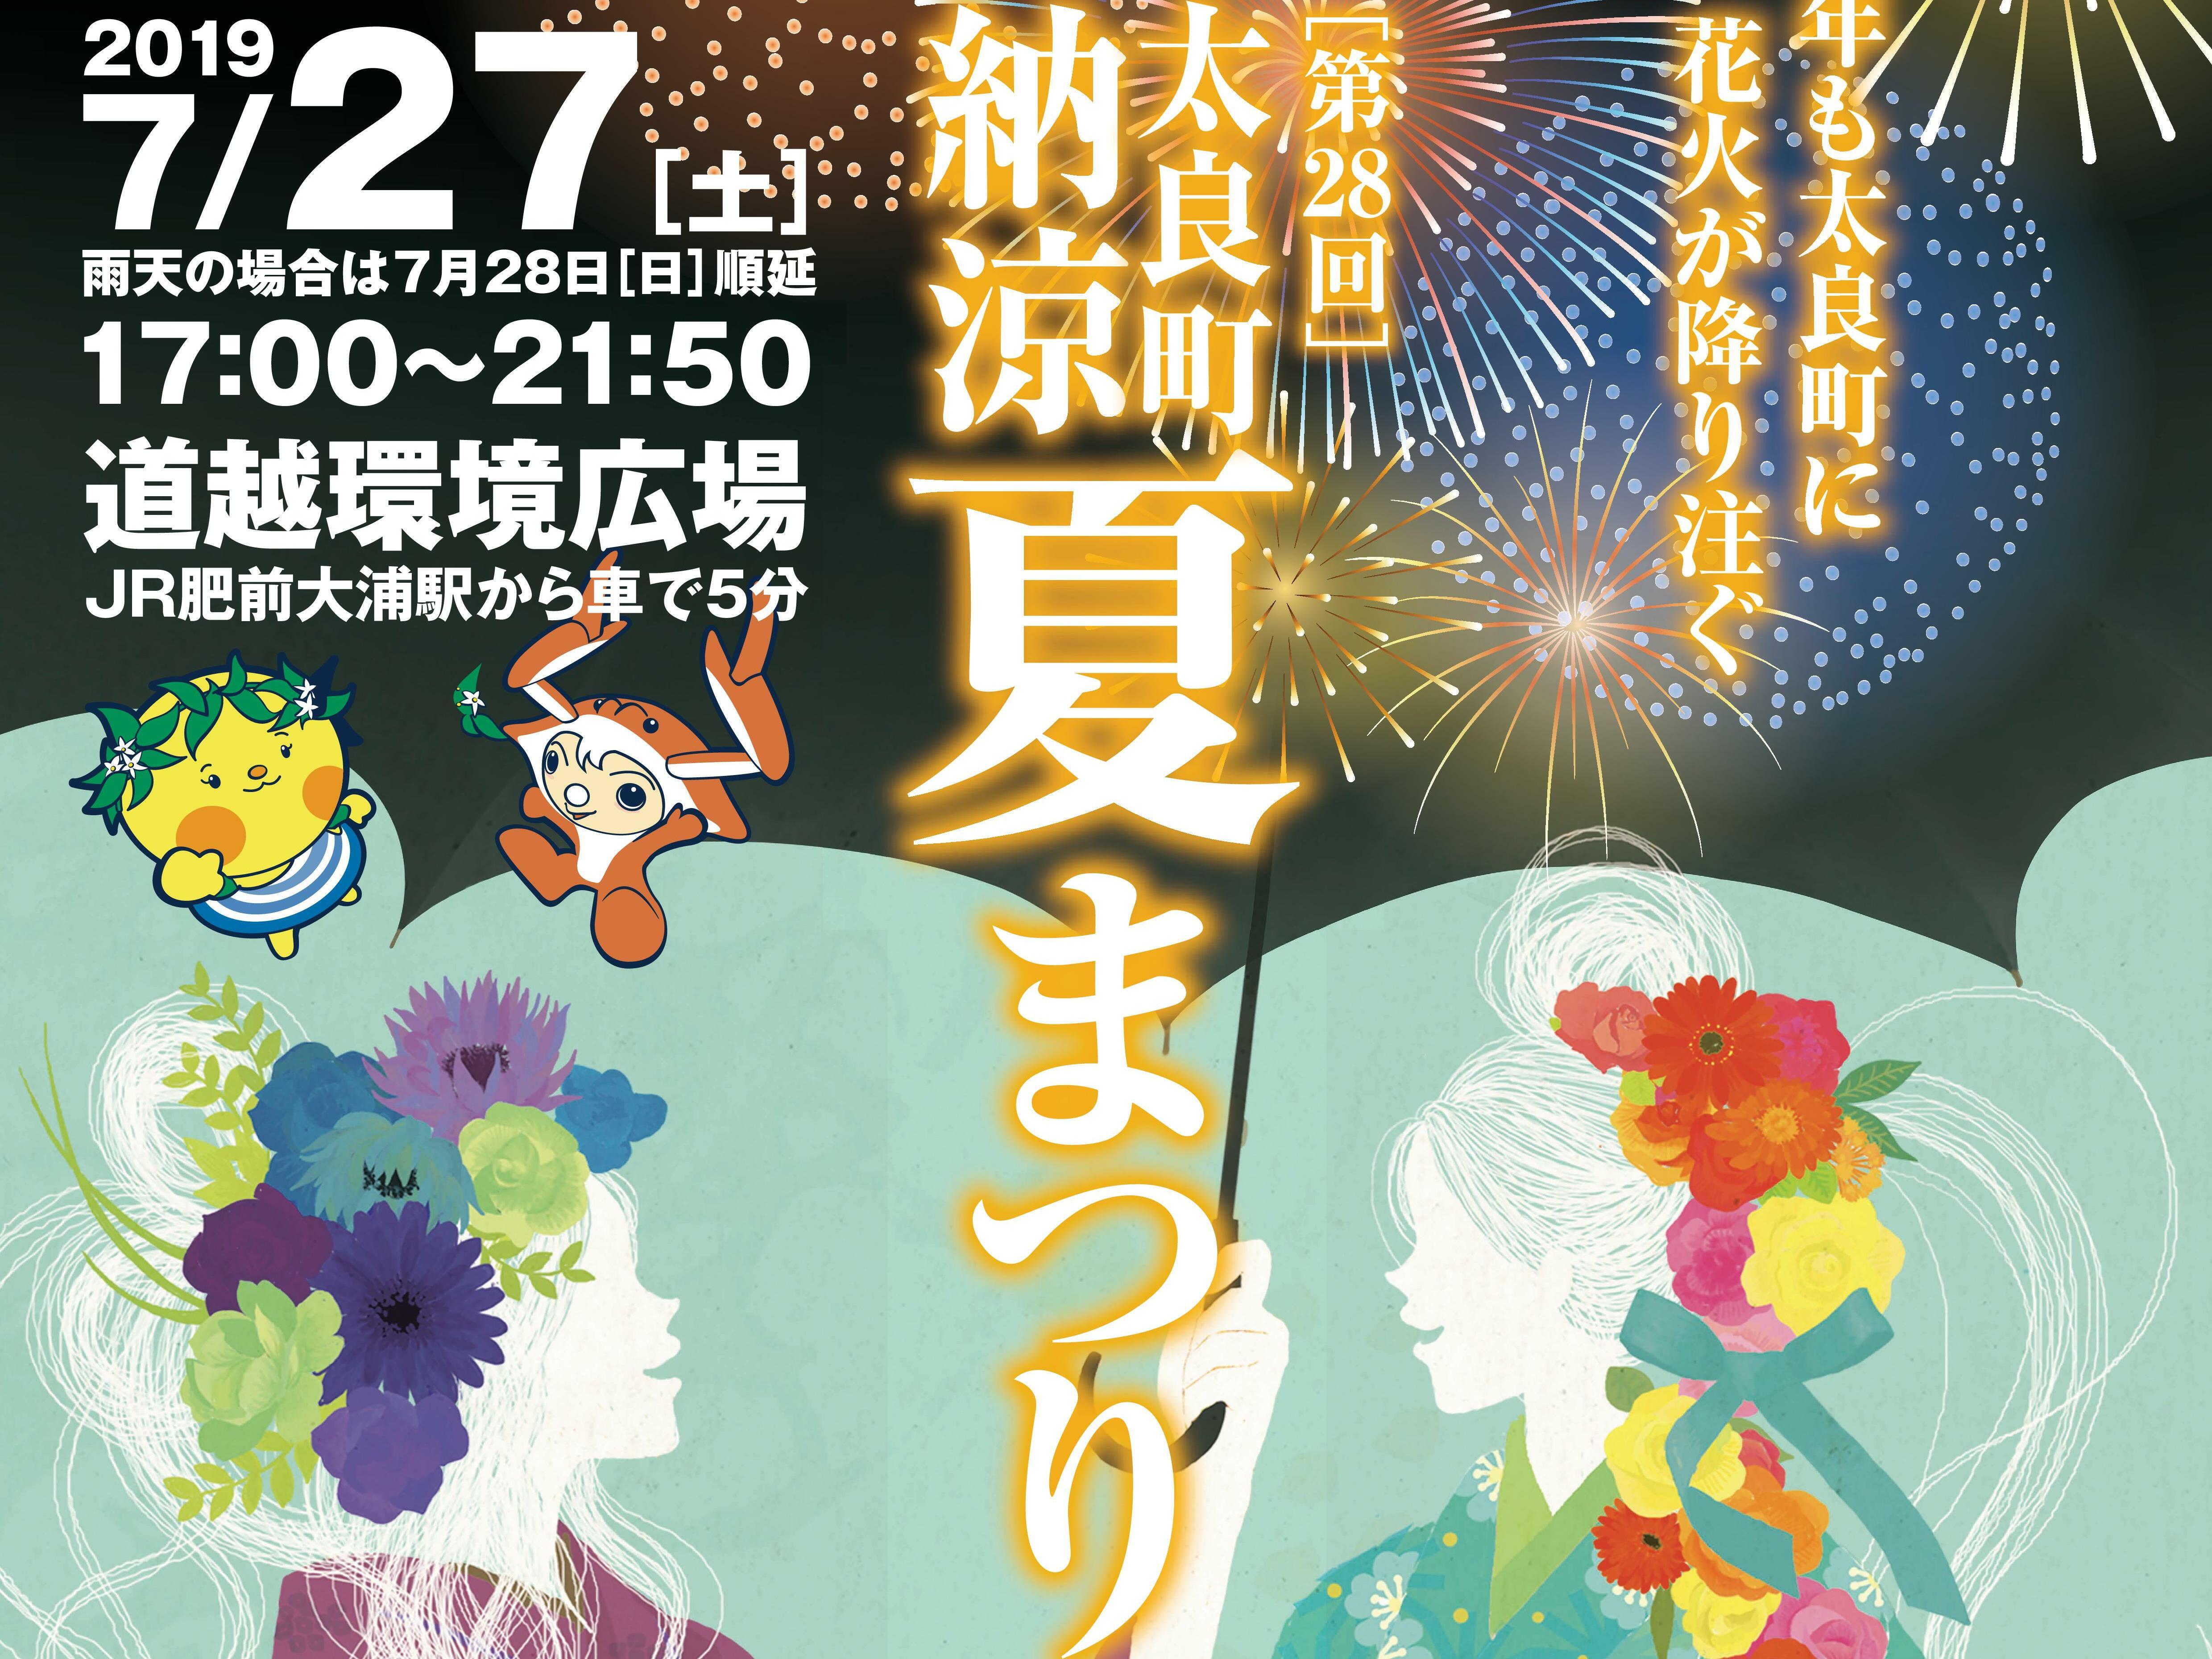 第28回太良町納涼夏まつりを開催します。